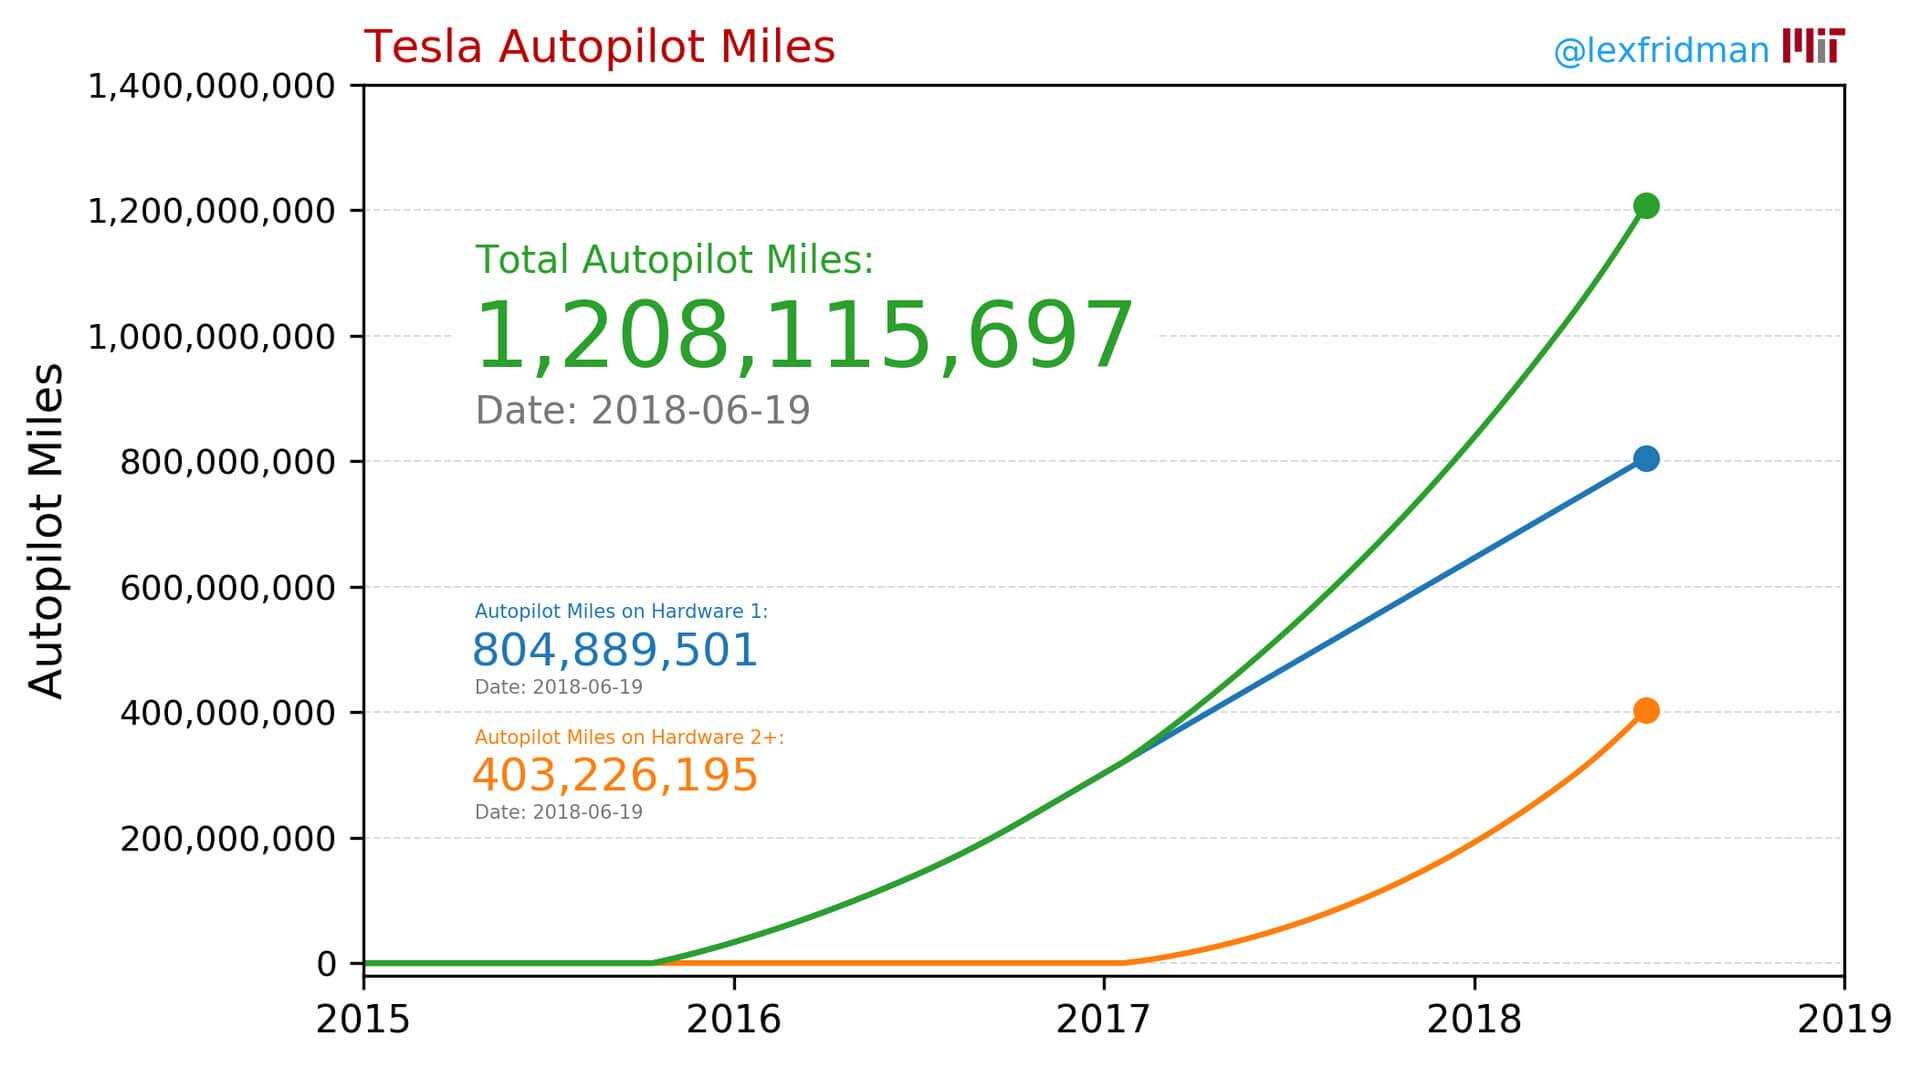 Расстояние пройденное на автопилоте Tesla за 3 года